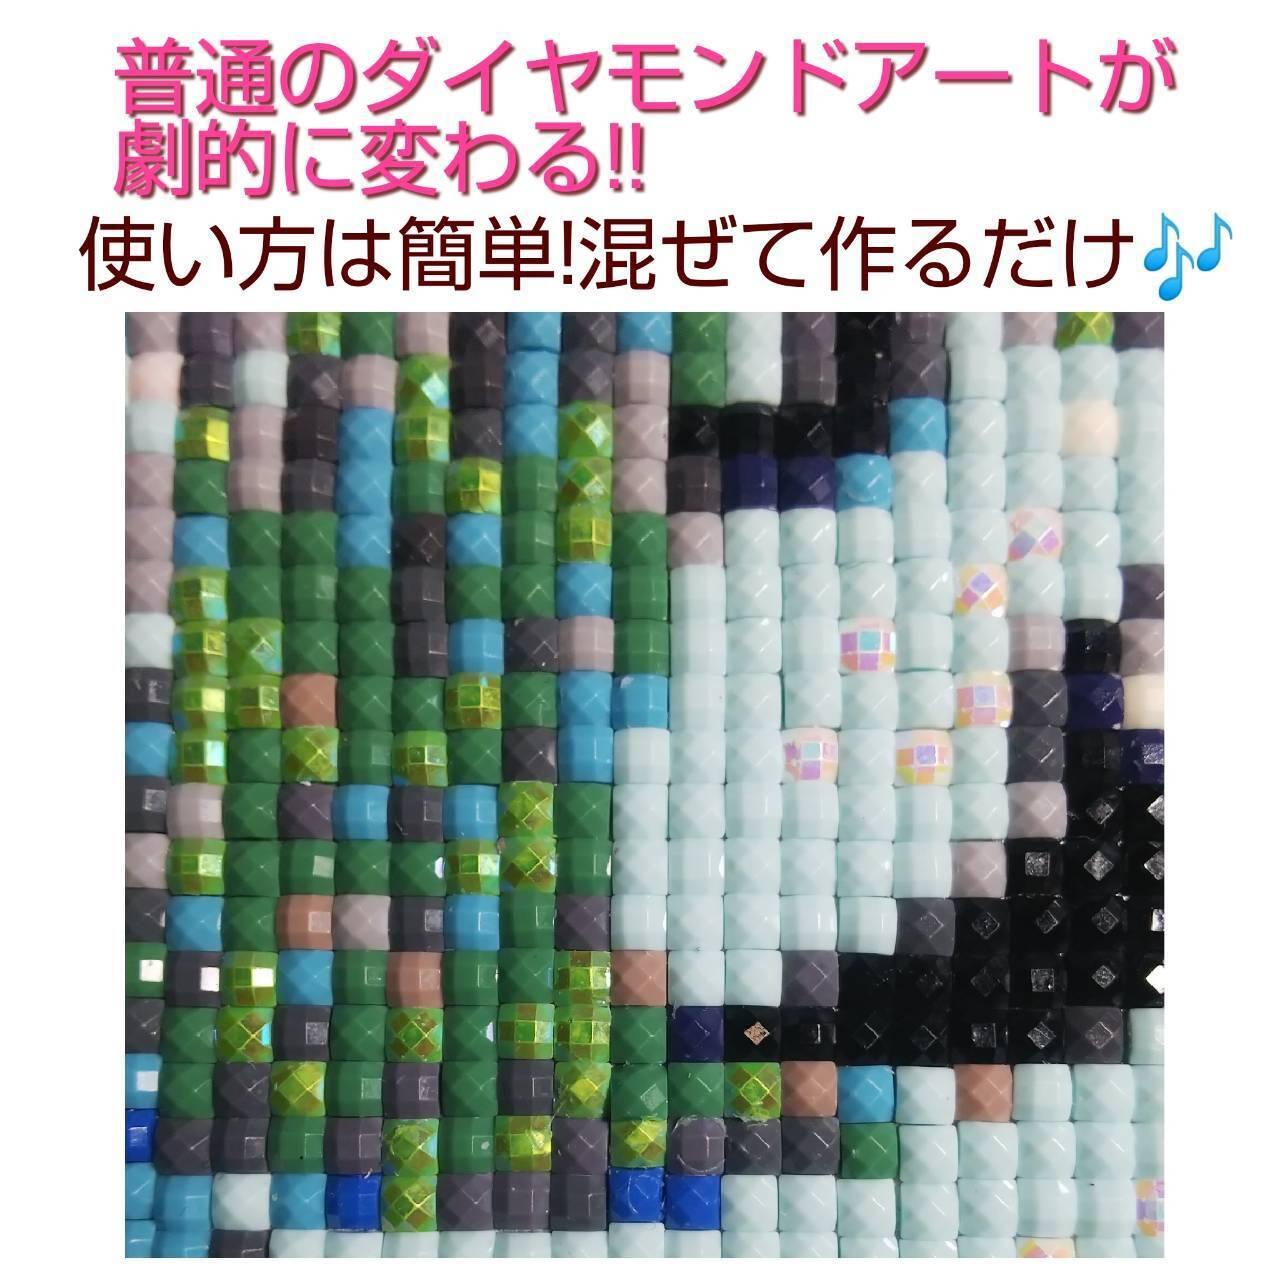 色紙サイズ(242×273mm) 四角ビーズ【s11393】フルダイヤモンドアート✨アレンジビーズ可✨